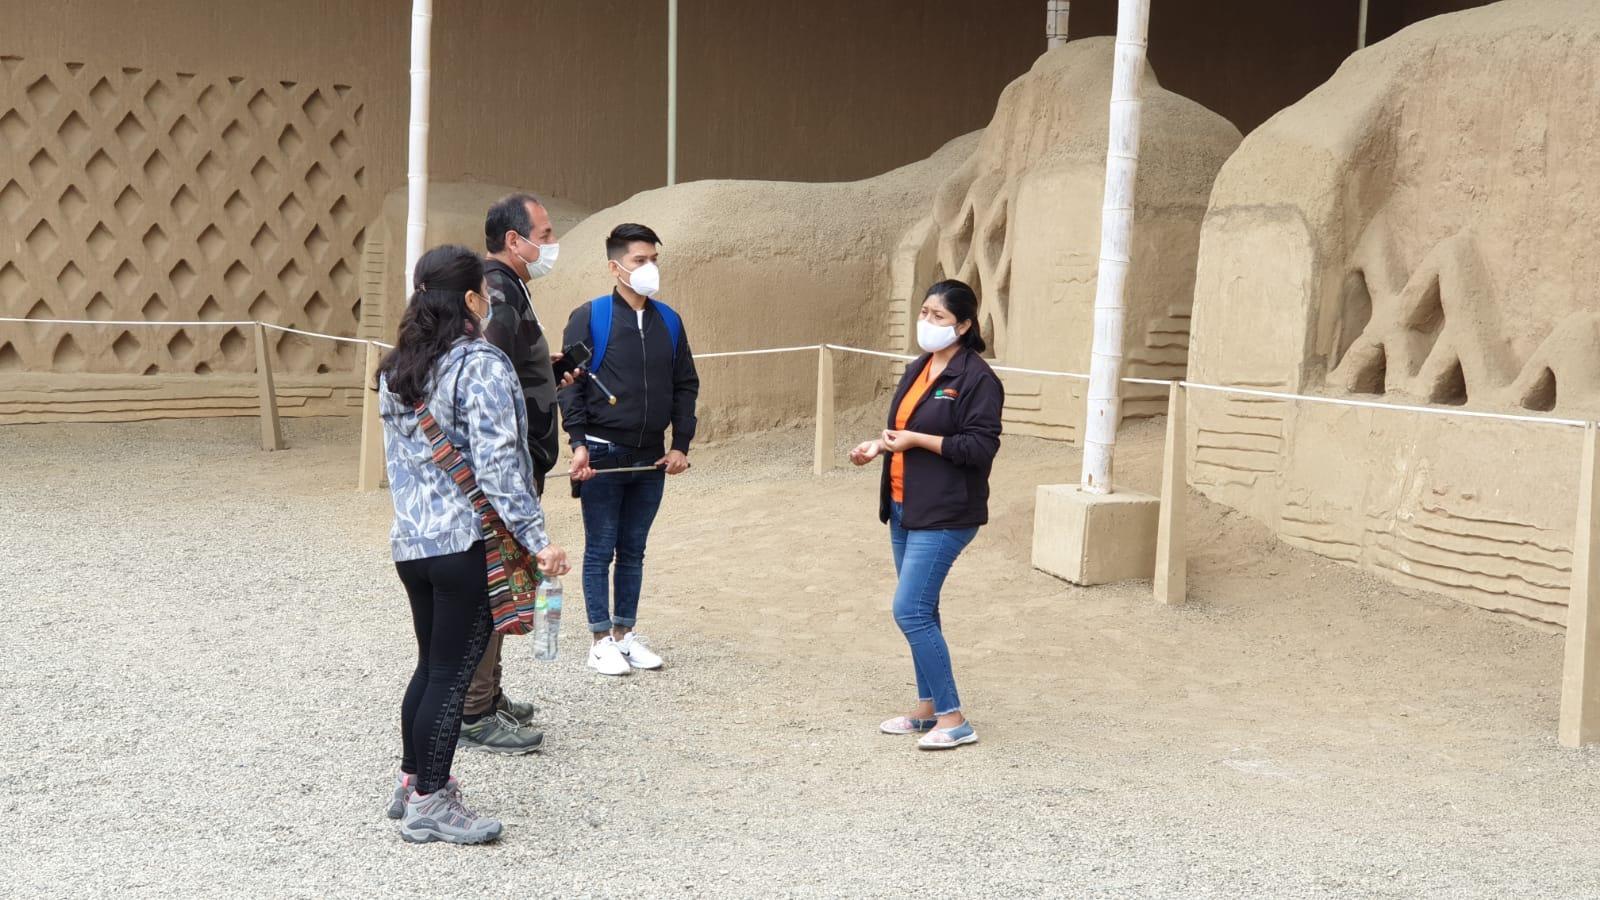 Las visitas se realizarán en grupos y cumpliendo las medidas de bioseguridad.